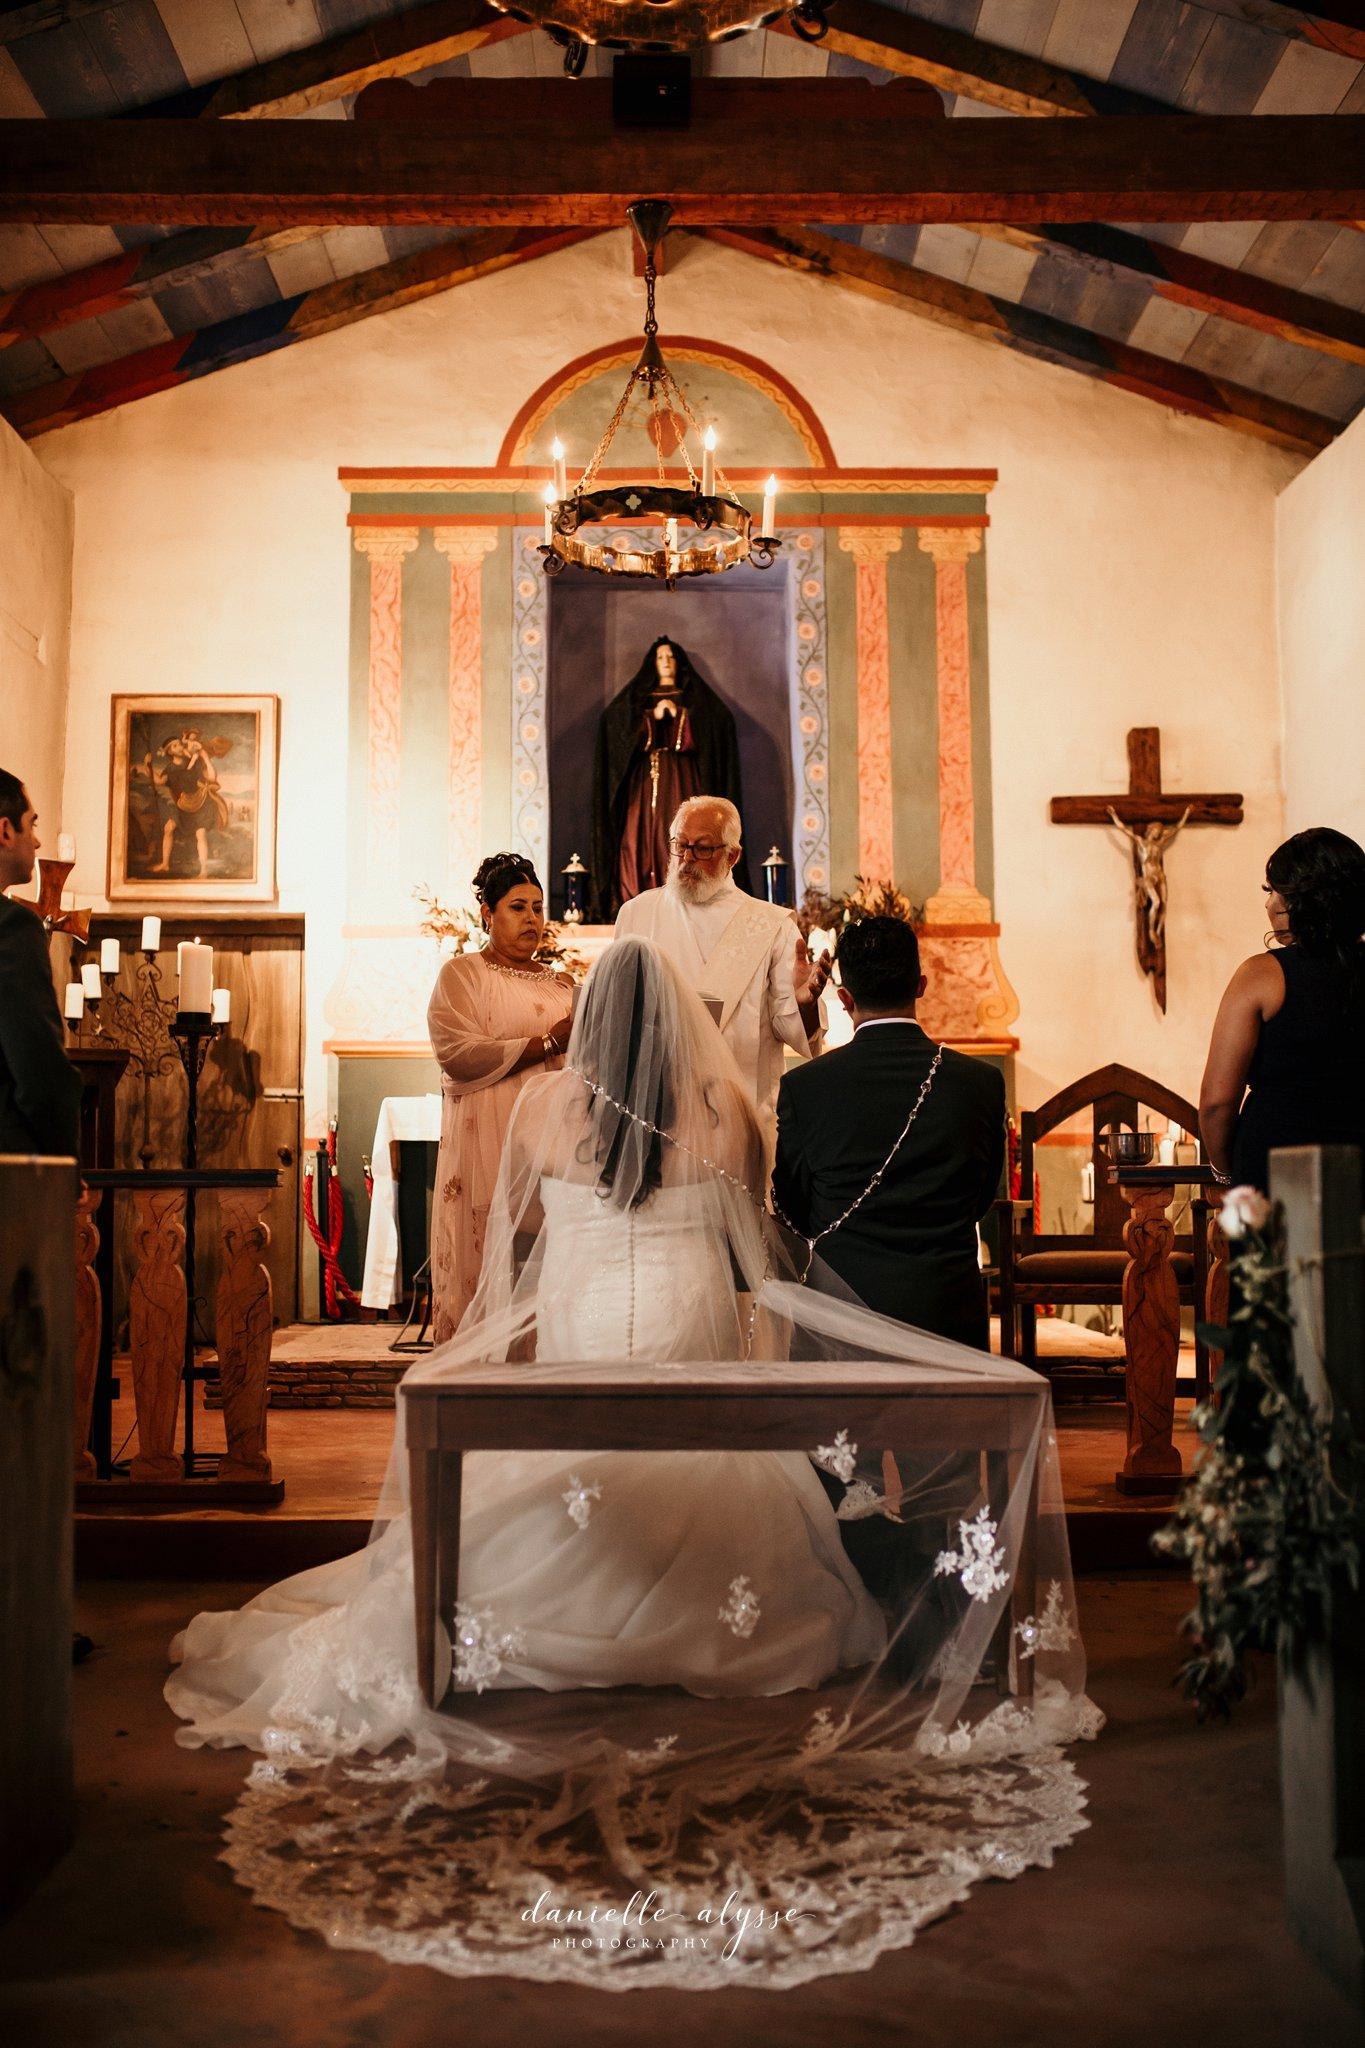 180630_wedding_lily_ryan_mission_soledad_california_danielle_alysse_photography_blog_478_WEB.jpg